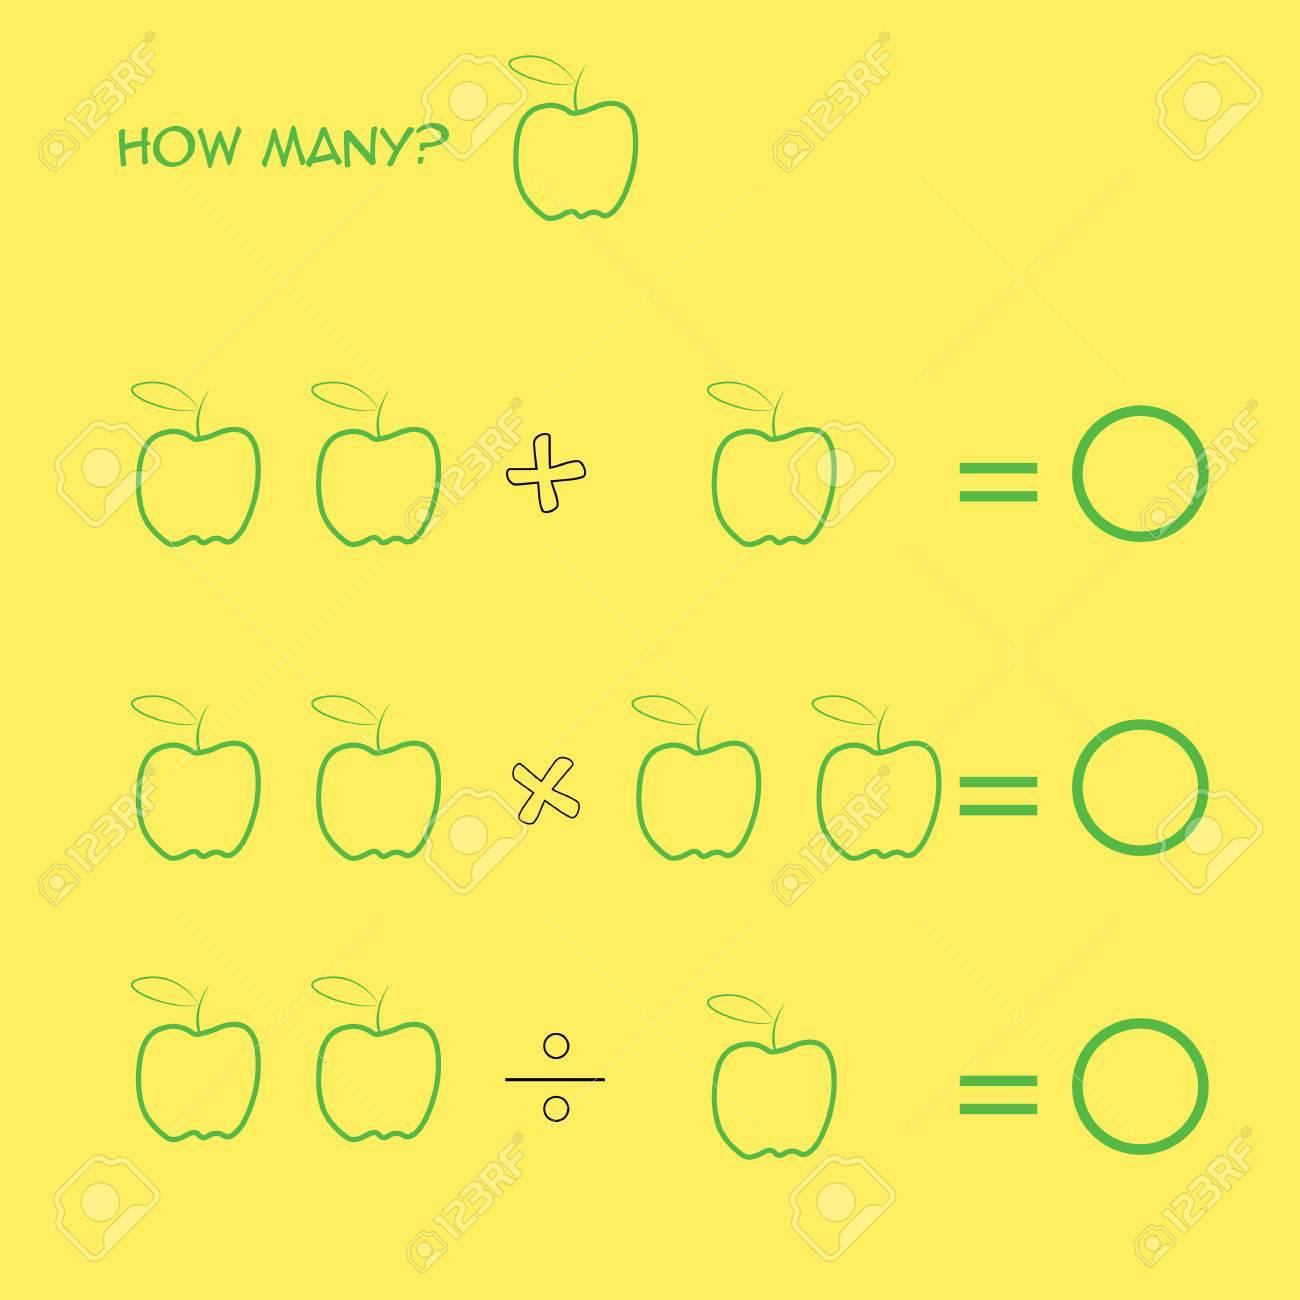 Juego Educativo De Matemáticas Para Niños. Aprendiendo Contando ...